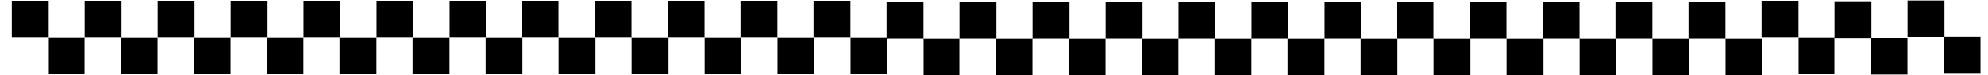 Checkerboard Banner